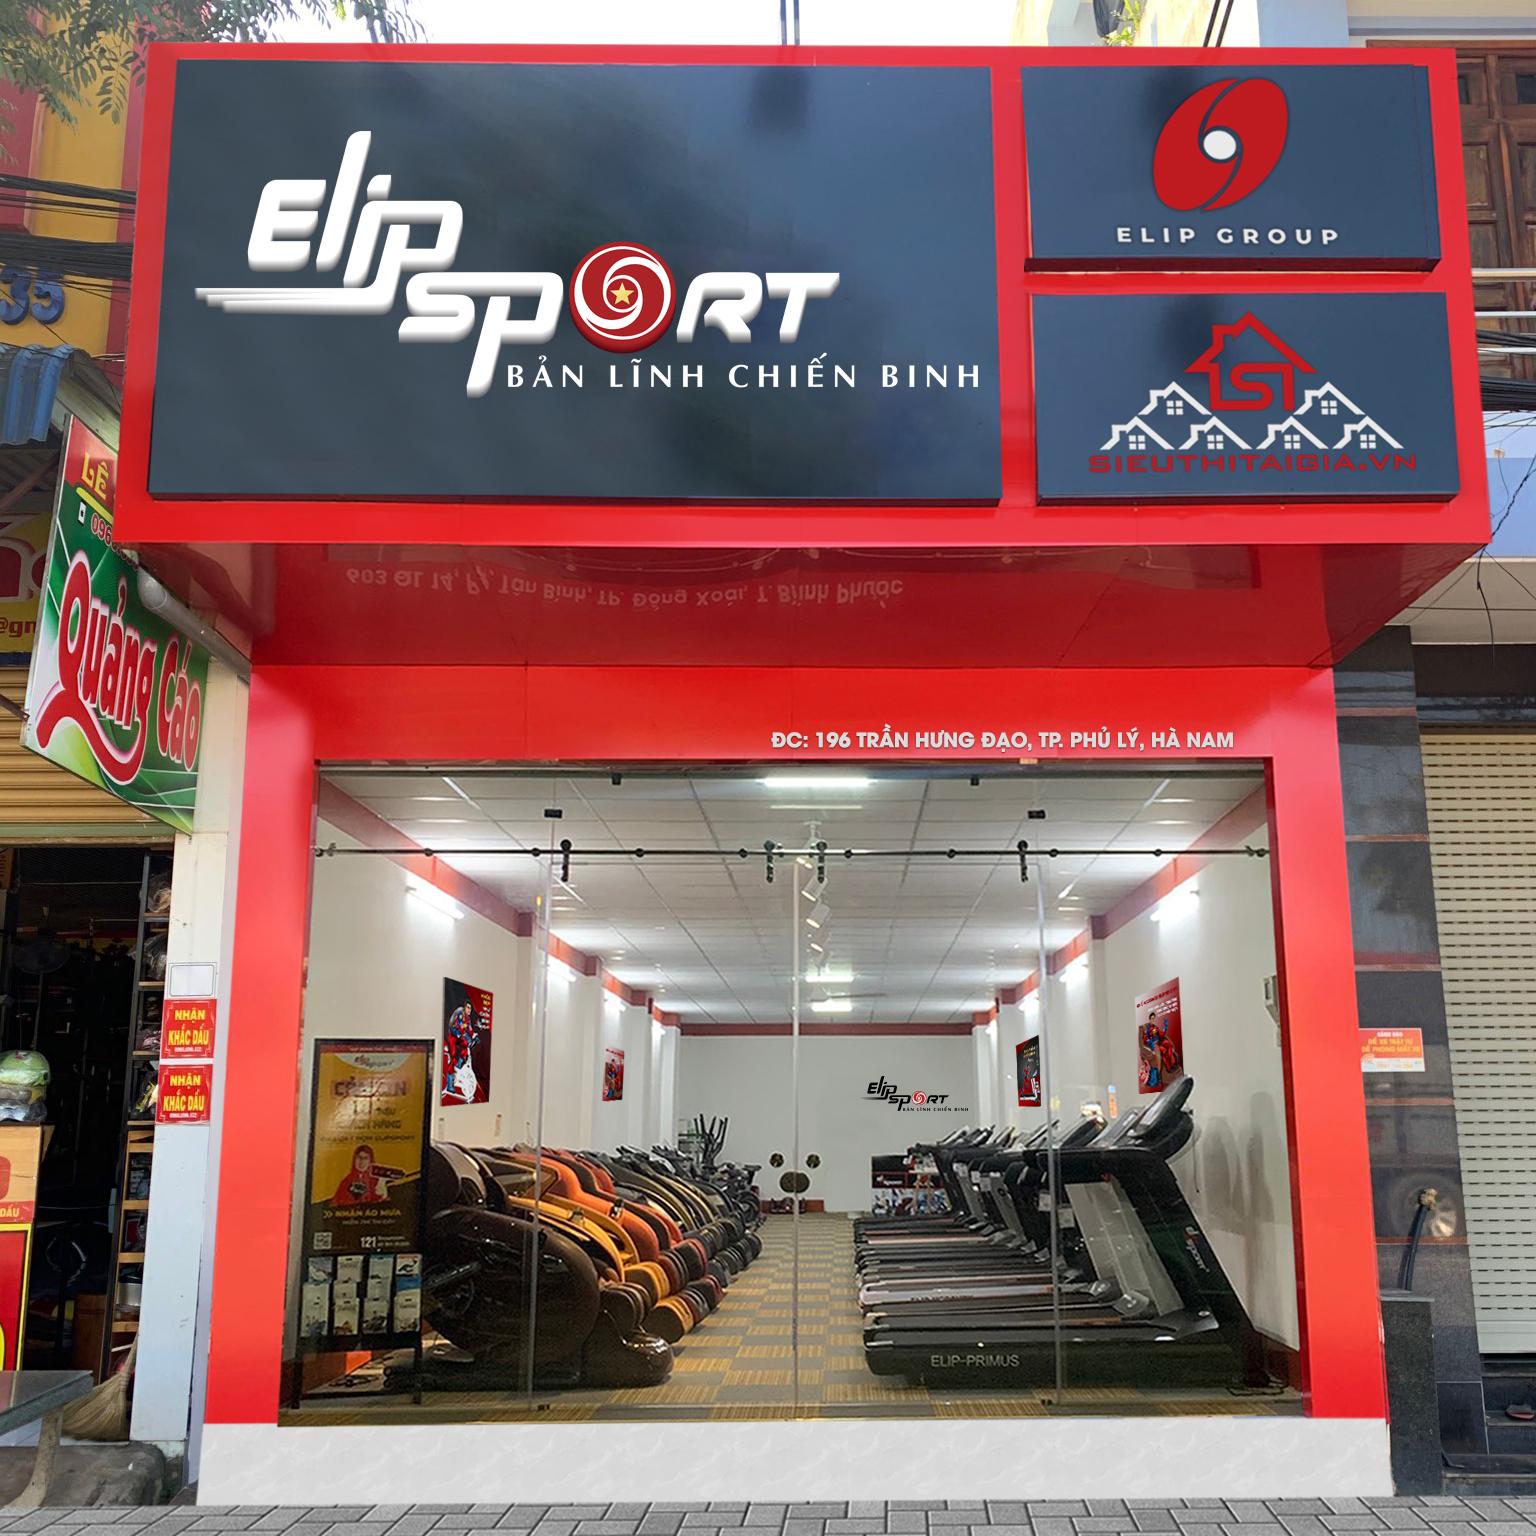 Hình ảnh của chi nhánh Elipsport Hà Nam